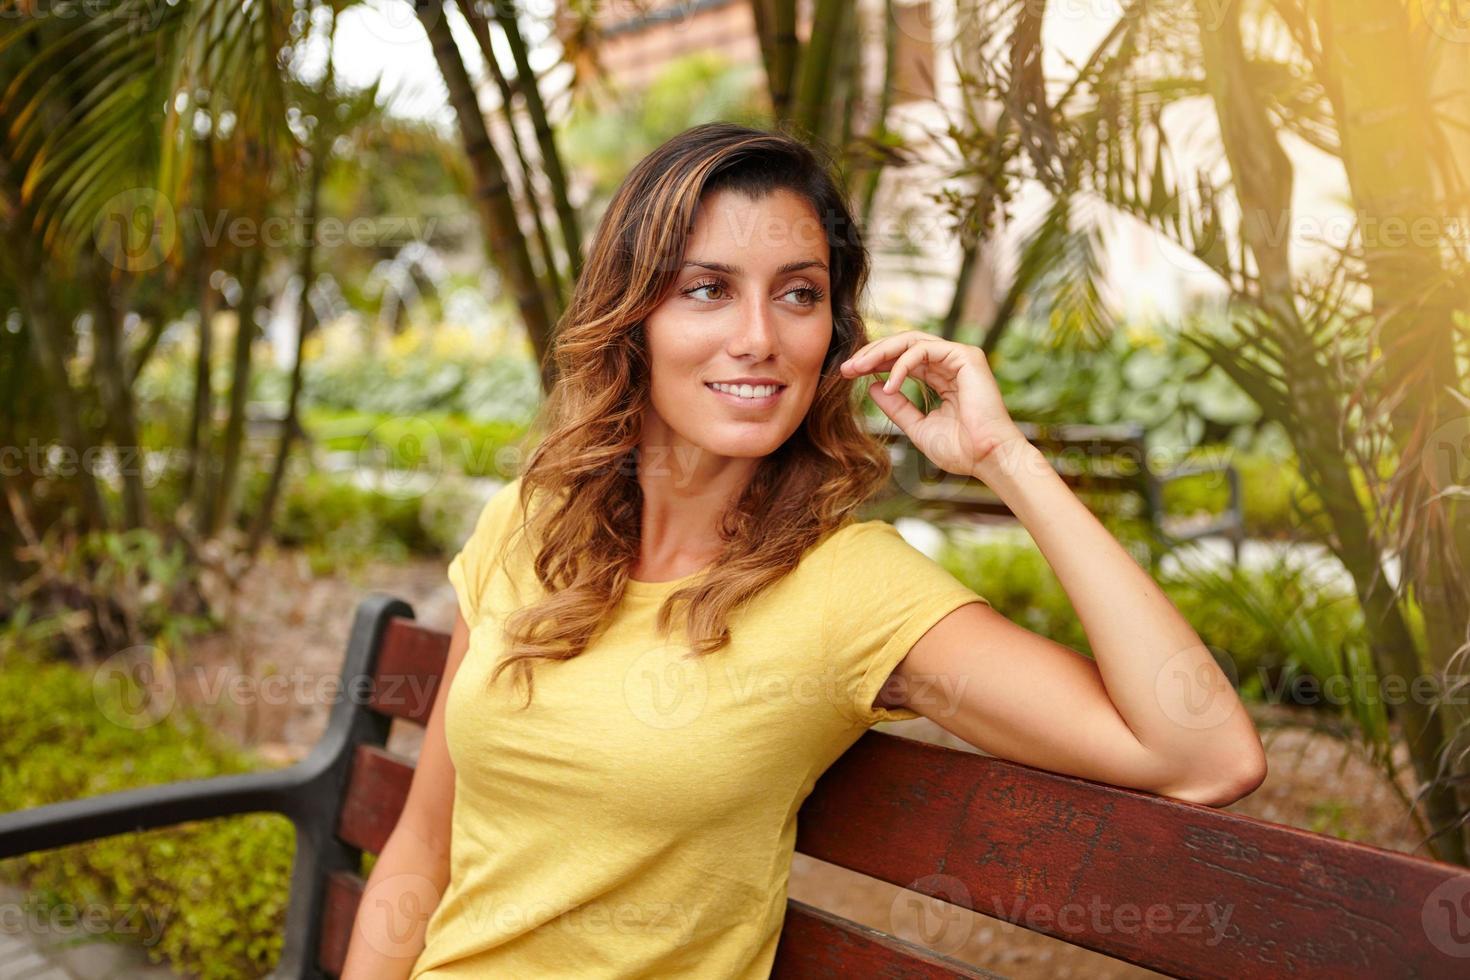 vrolijke dame wegkijken zittend op de bank foto